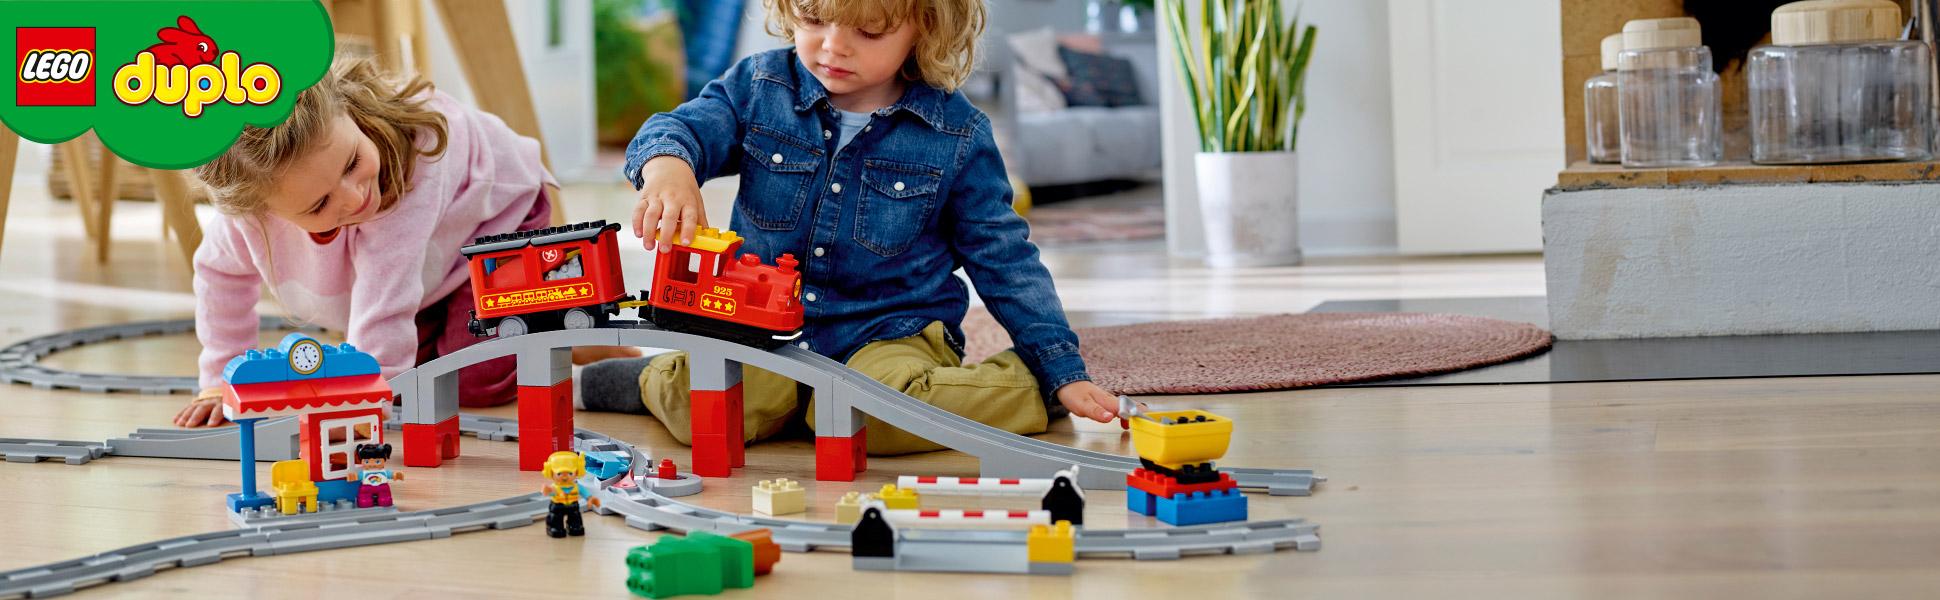 Паровоз LEGO® DUPLO® - Весела іграшка